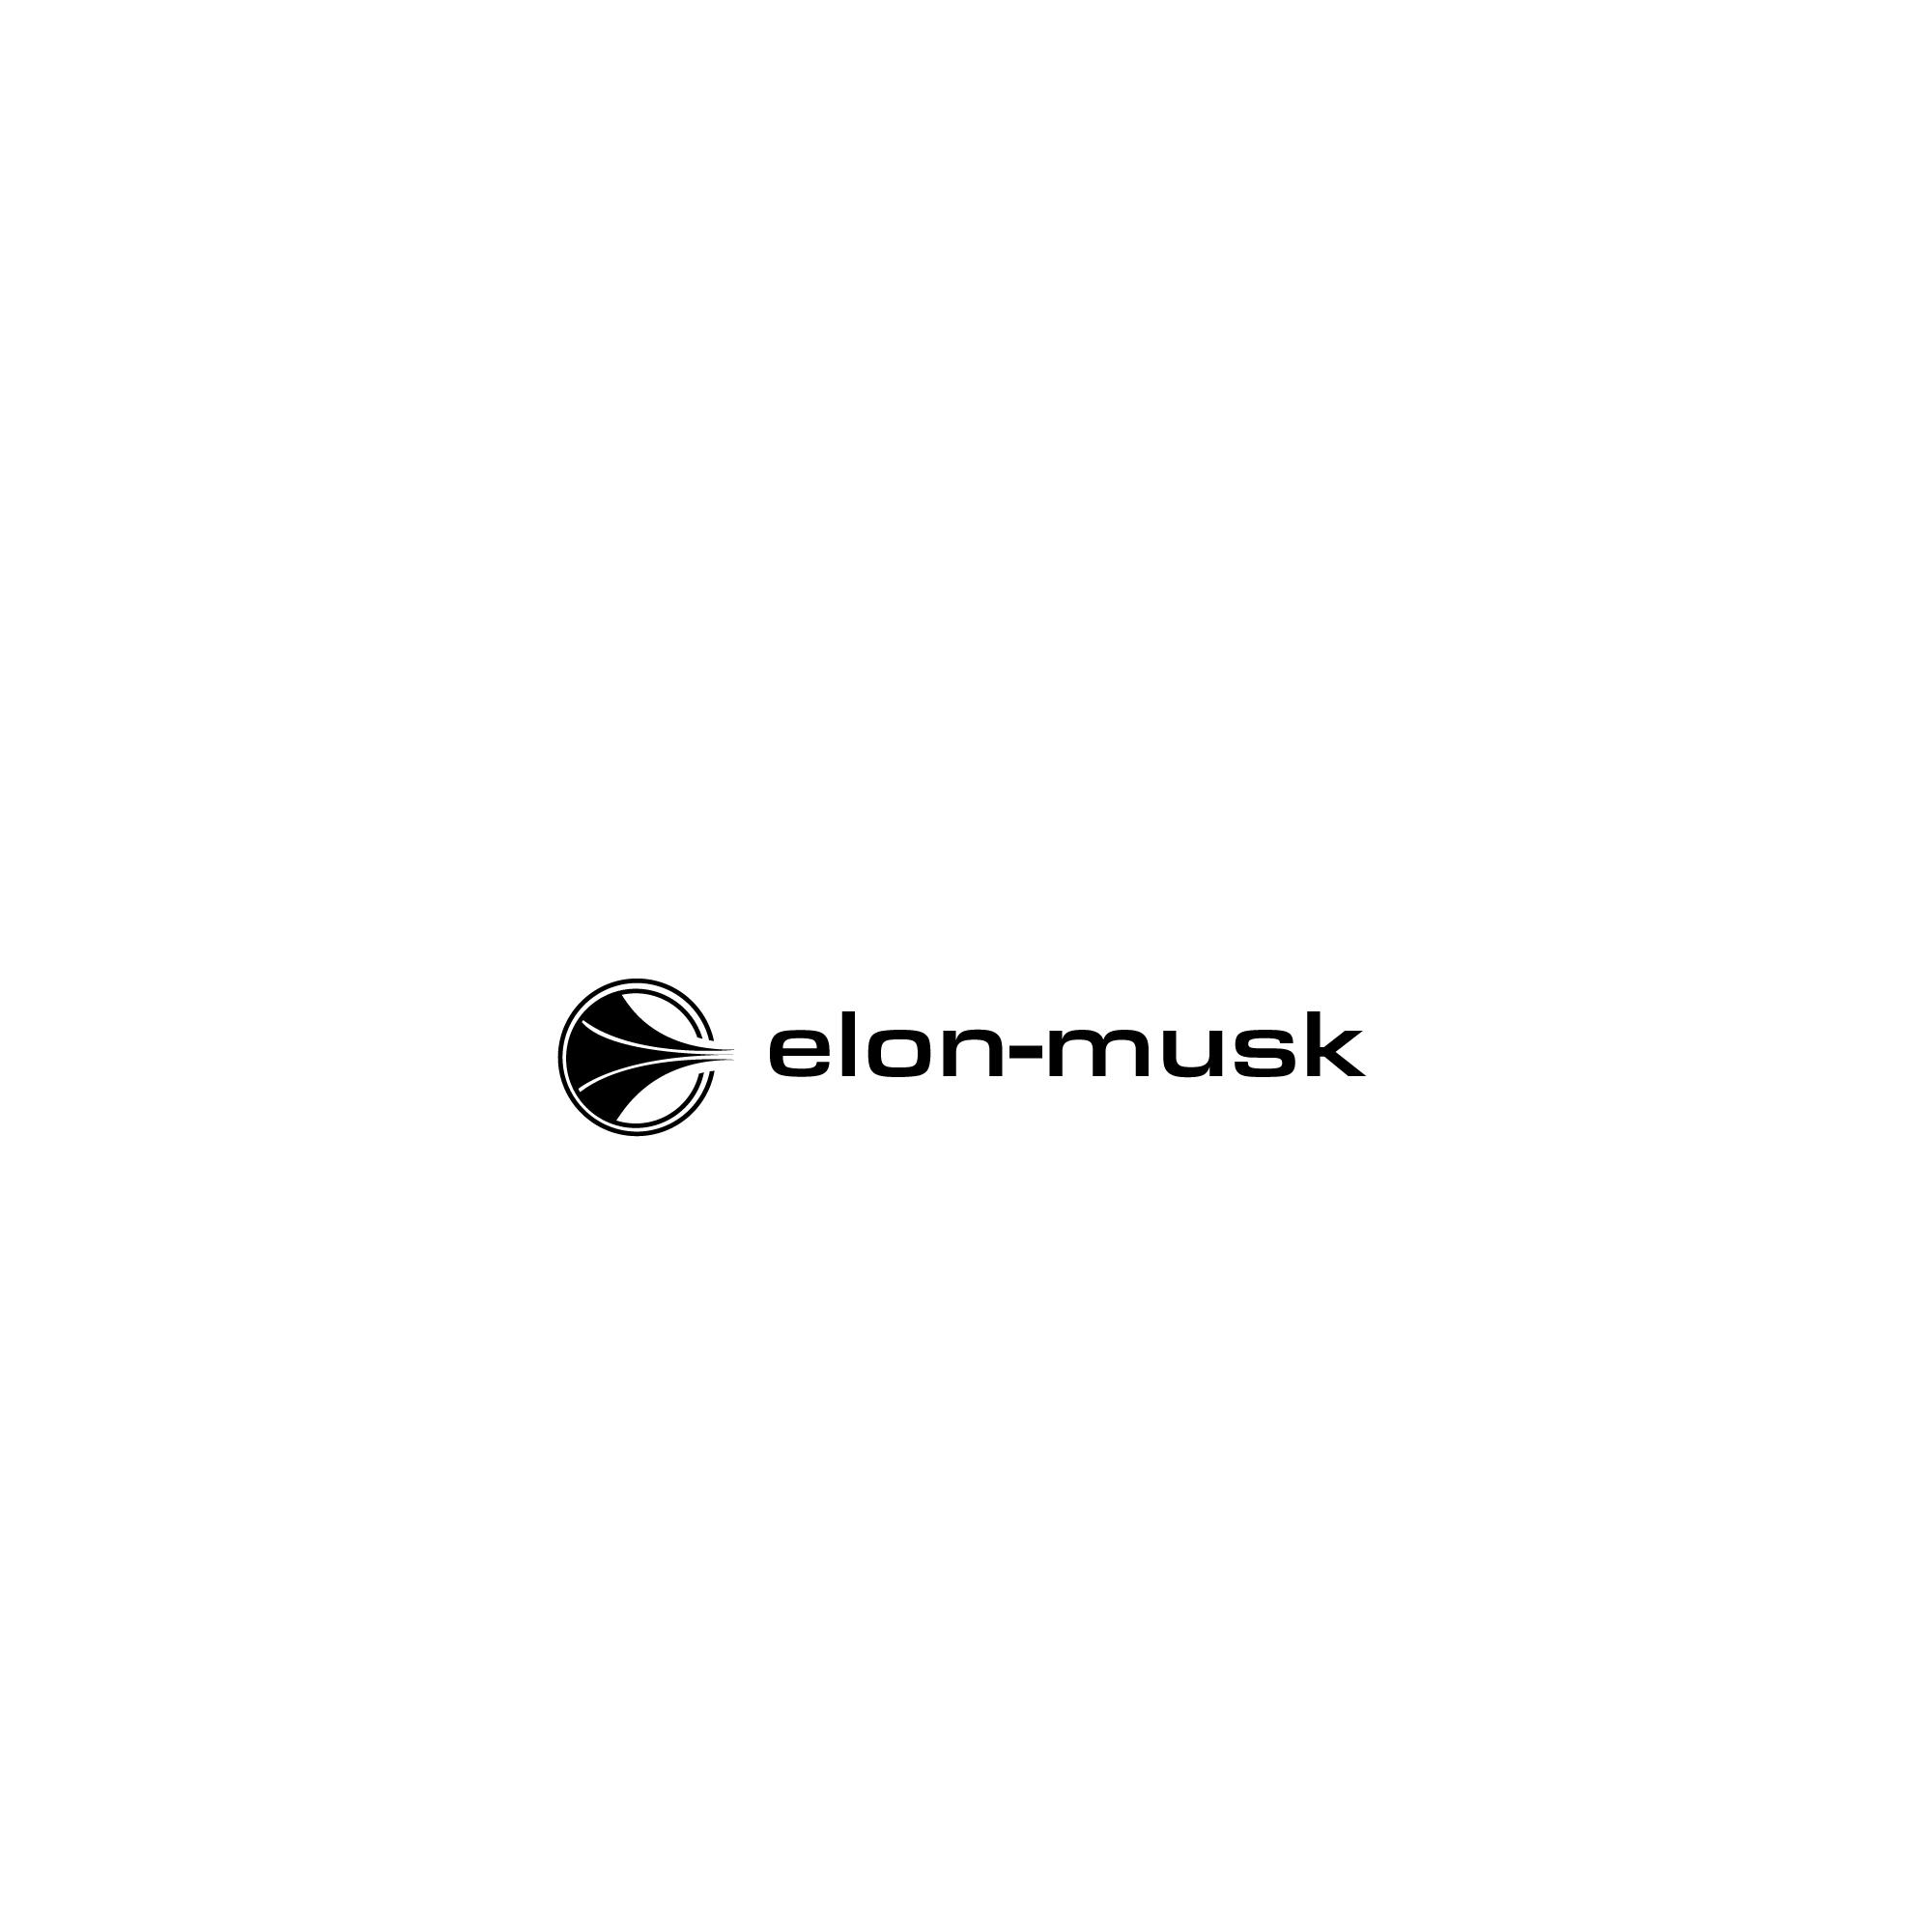 Логотип для новостного сайта  фото f_5675b72137c4ca81.jpg